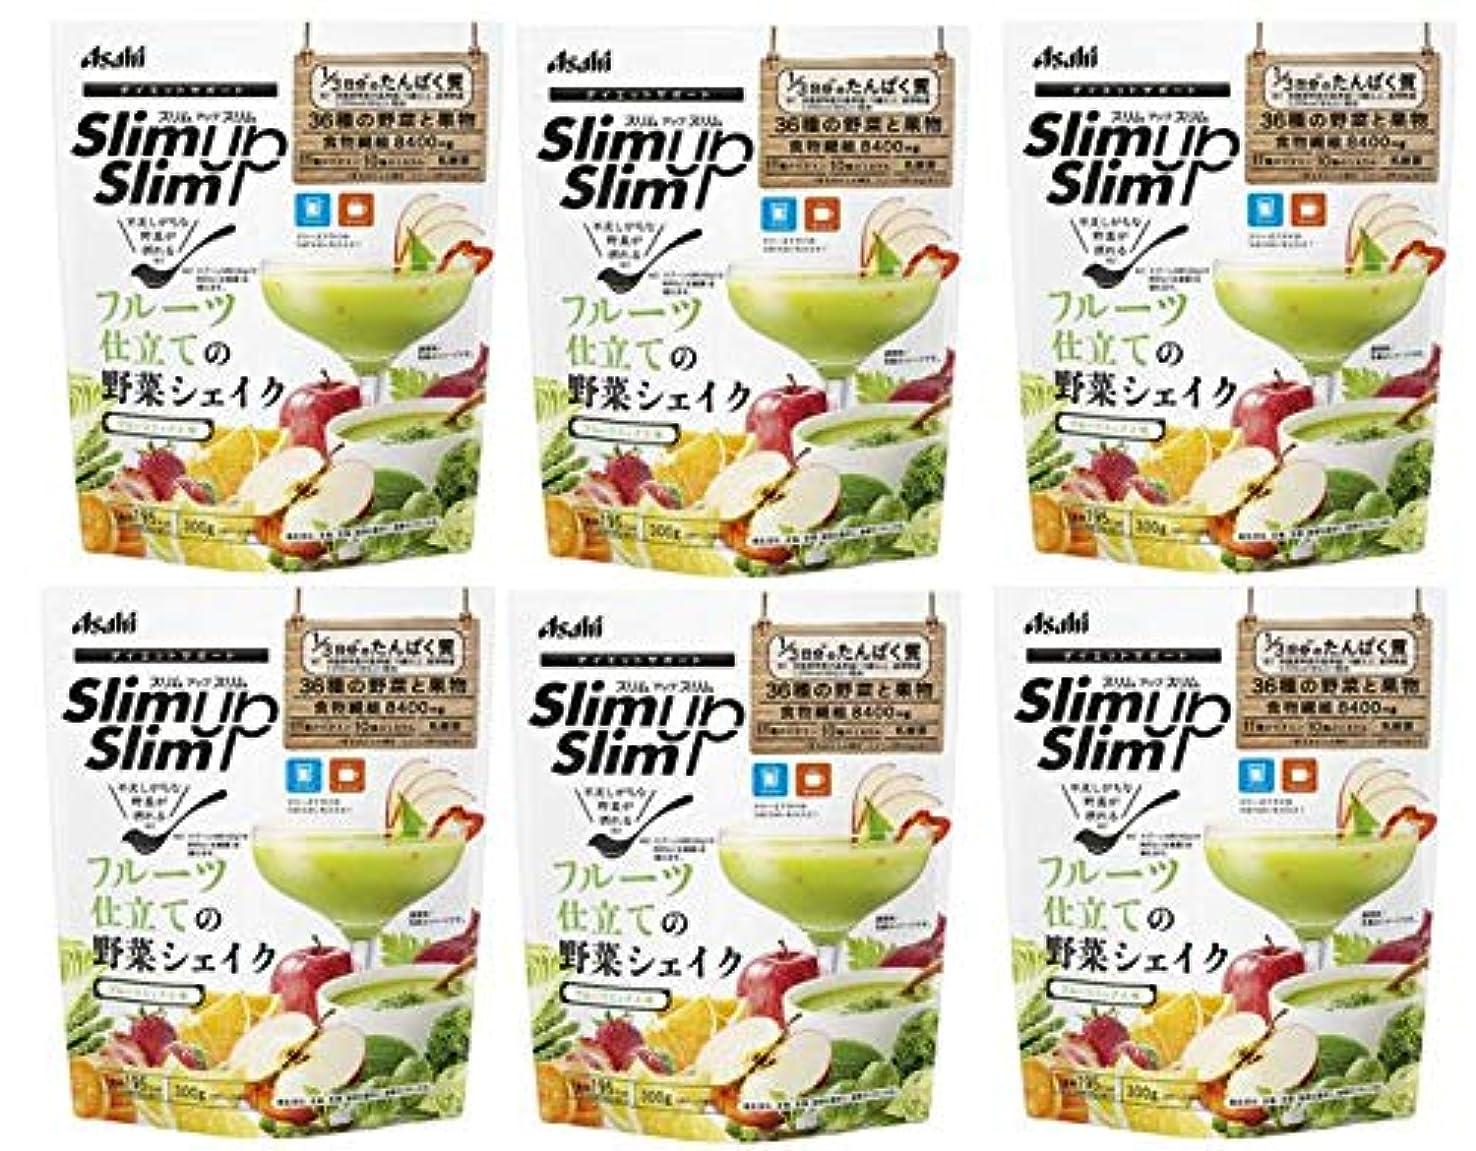 同種の留まるメイドアサヒグループ食品 スリムアップスリム フルーツ仕立ての野菜シェイク 300g X6個セット